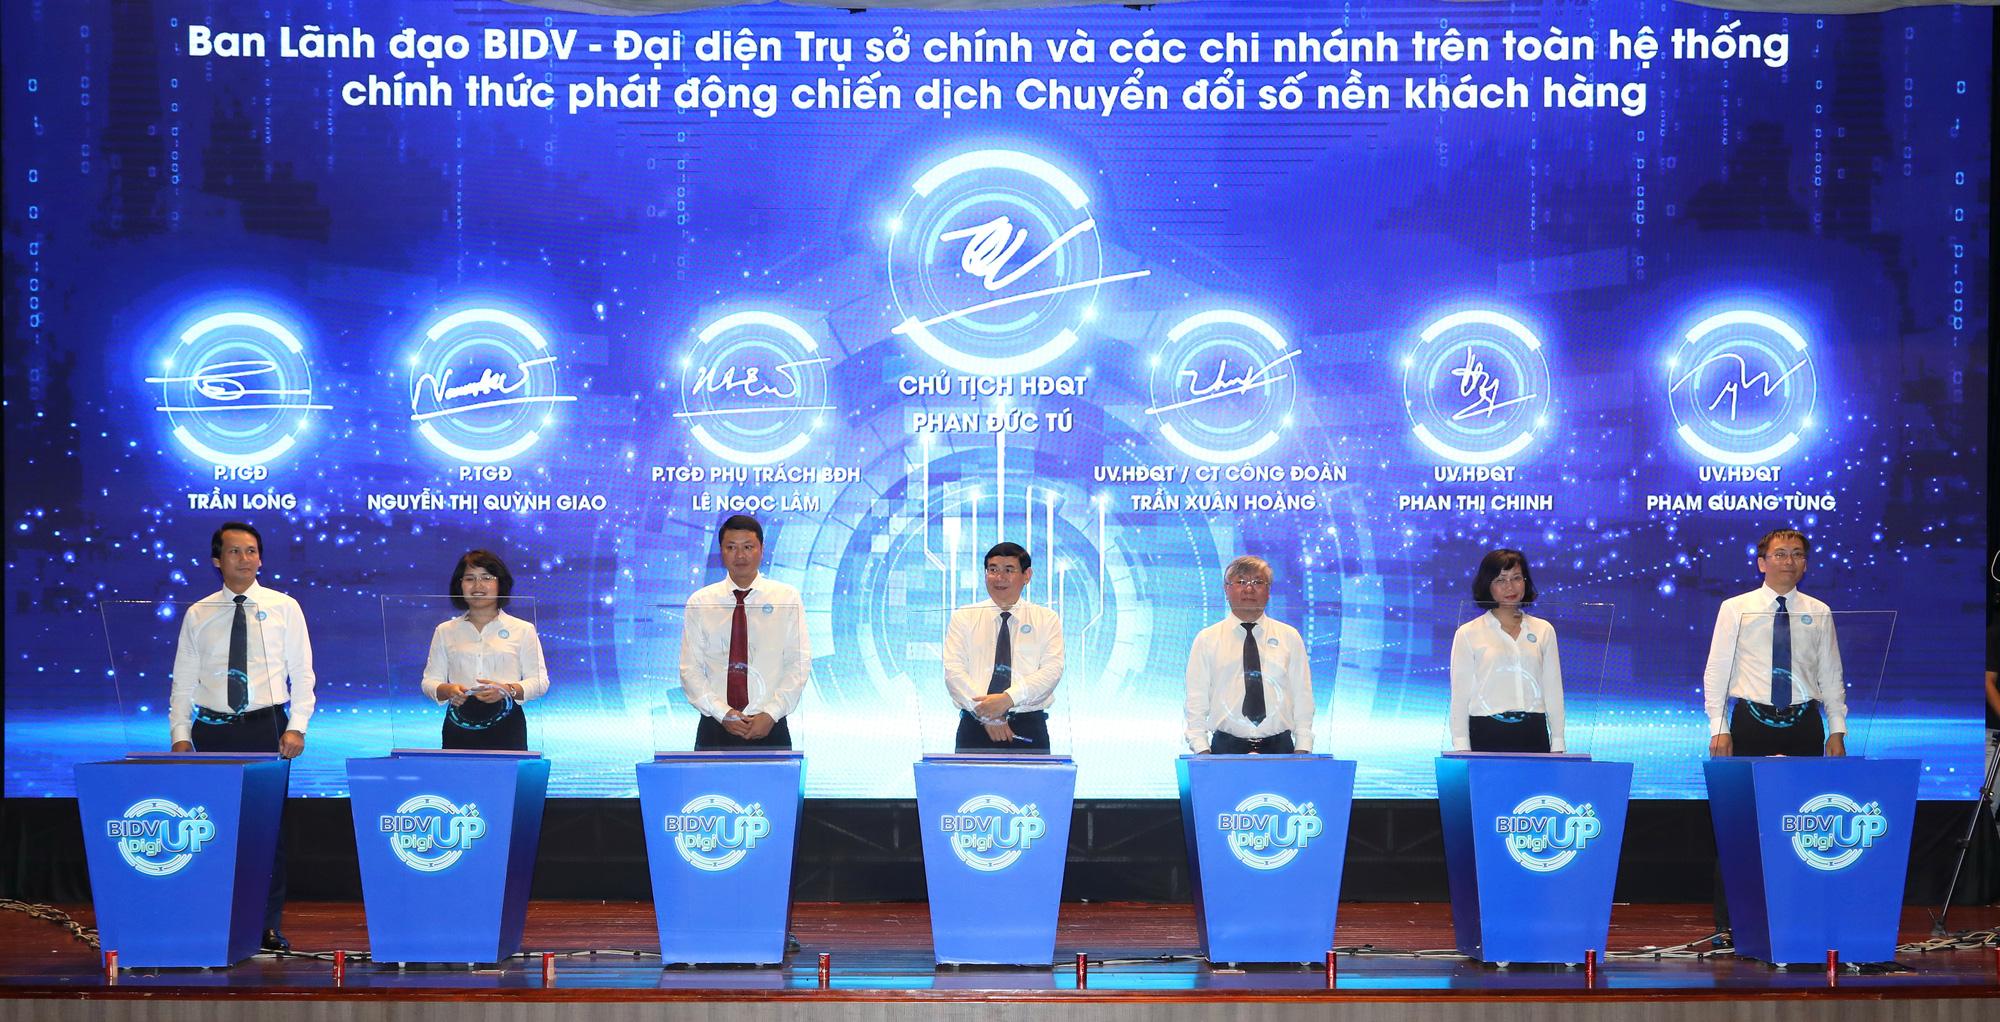 """Đẩy mạnh chuyển đổi số BIDV hướng tới mục tiêu """"Lấy khách hàng là trung tâm"""" - Ảnh 1."""